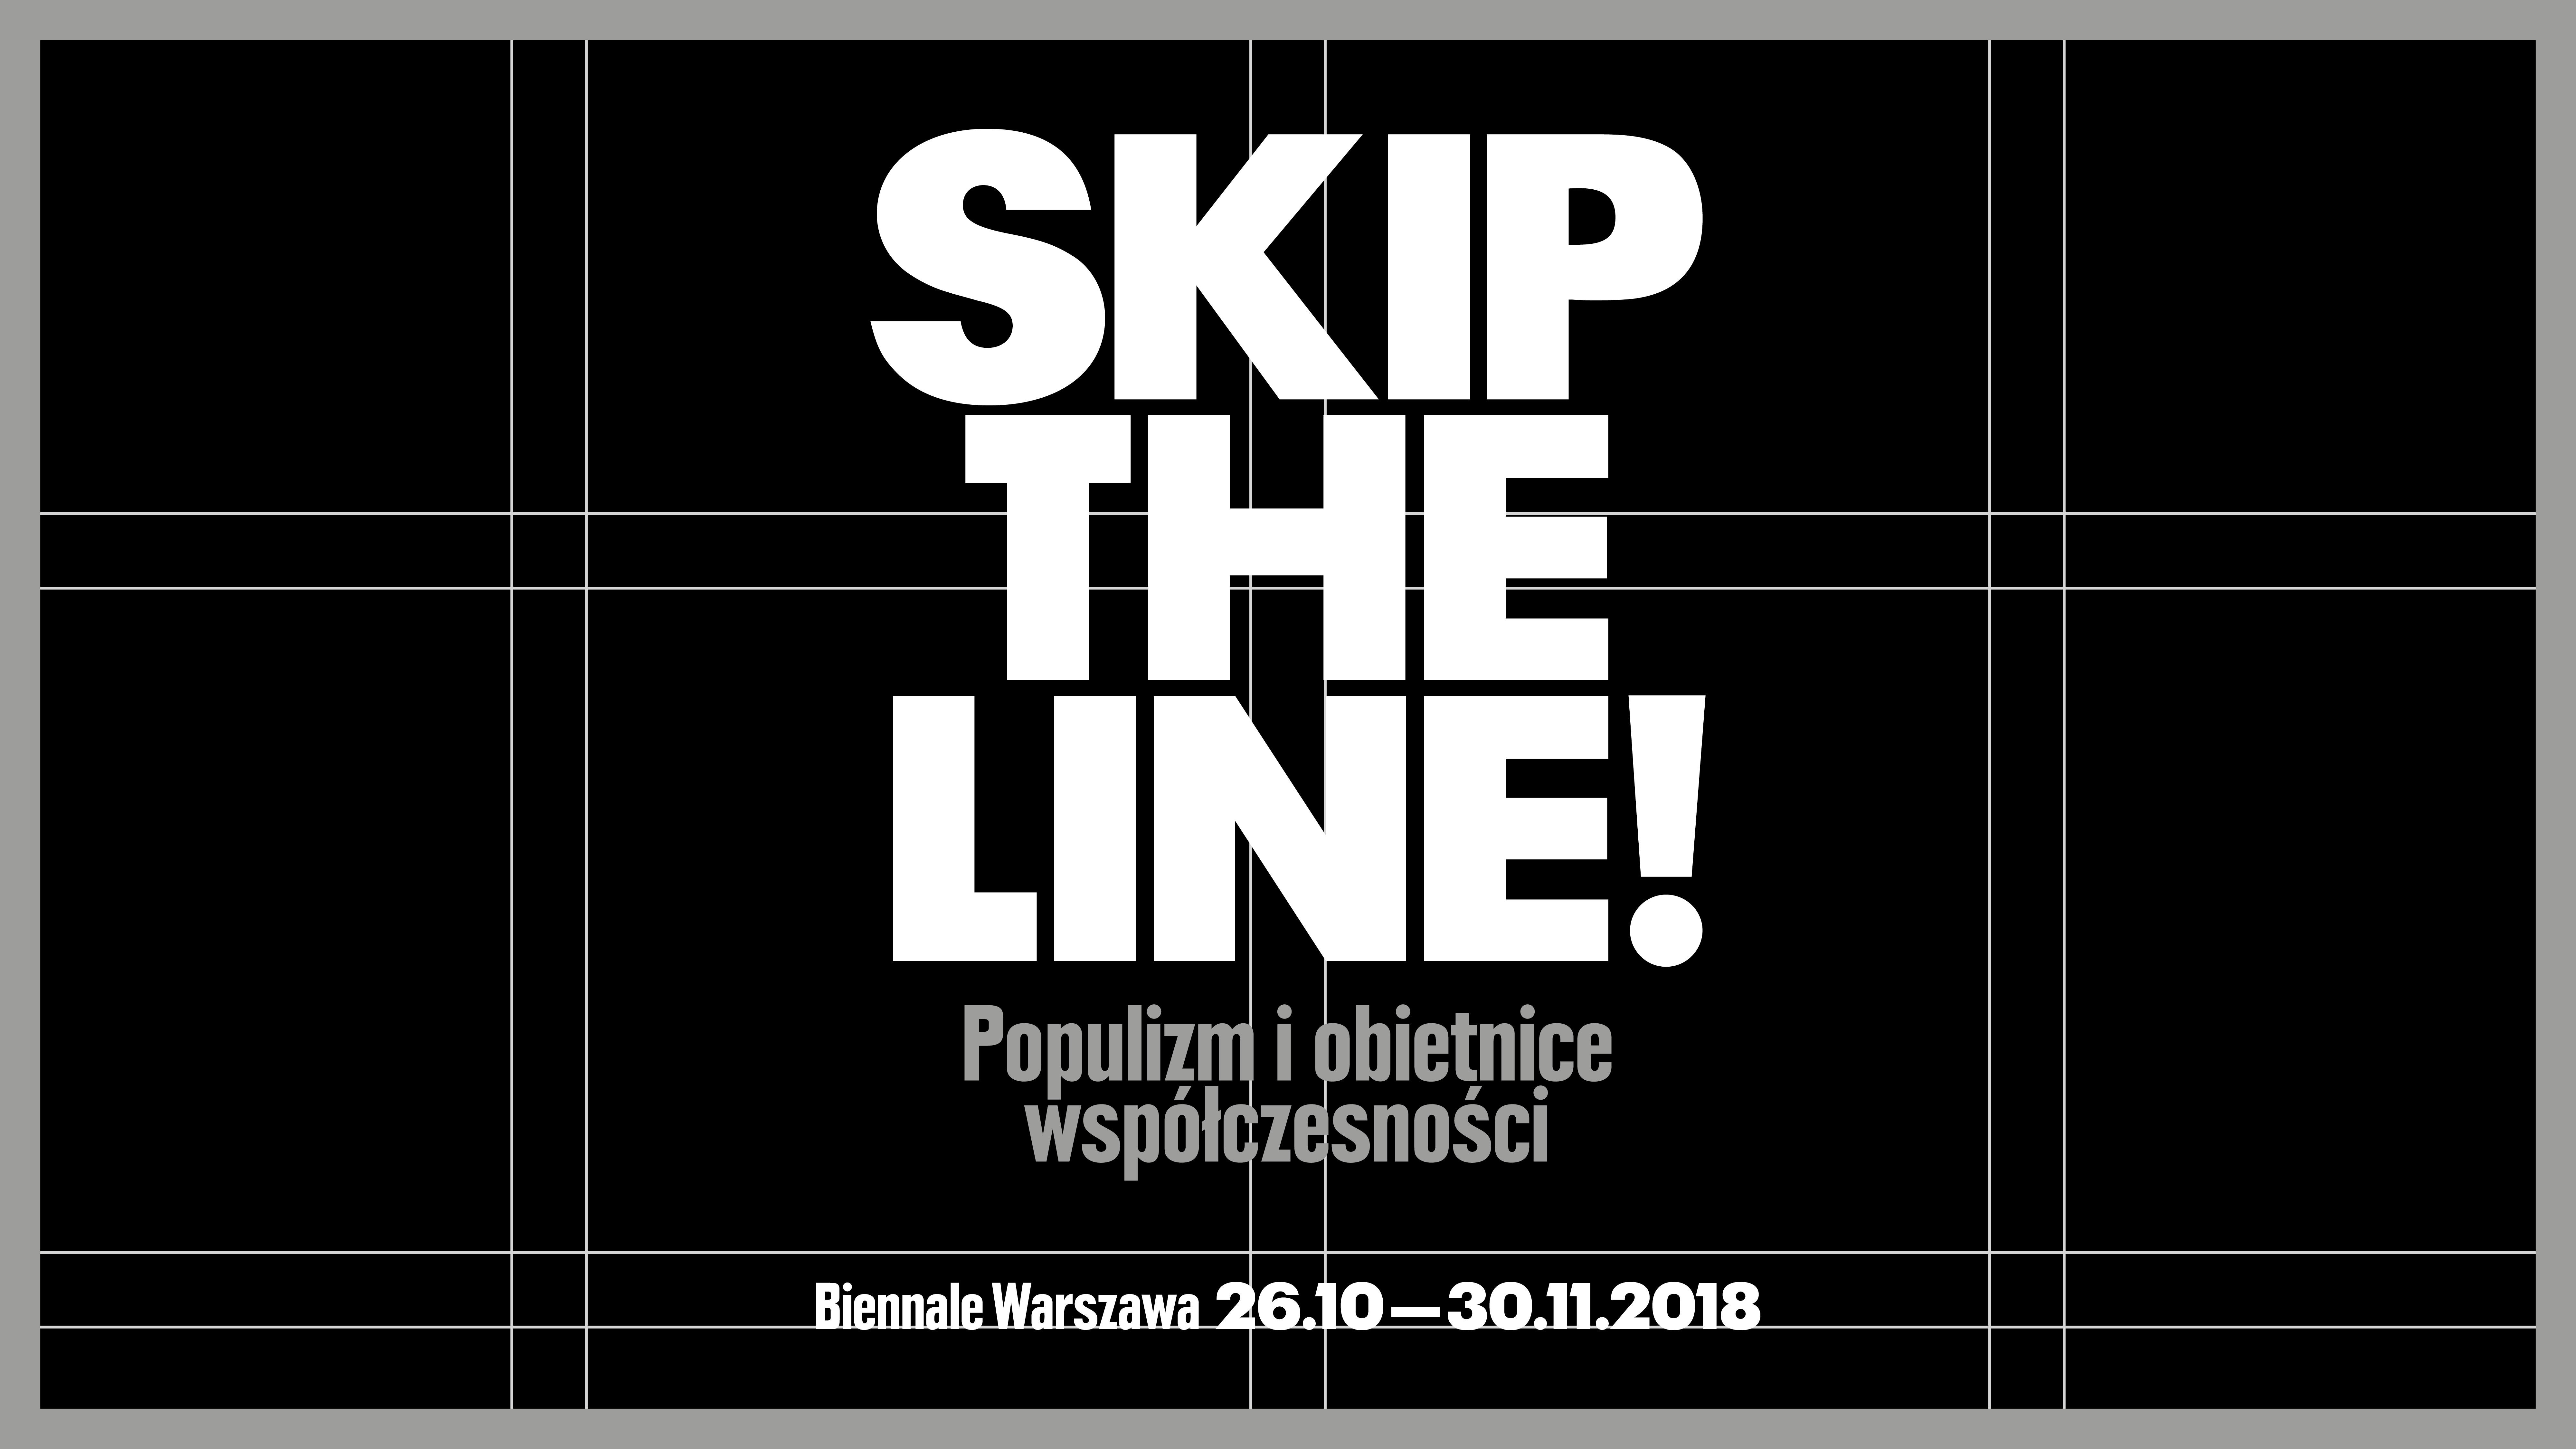 """""""SKIP THE LINE!"""" (źródło: materiały prasowe organizatora)"""